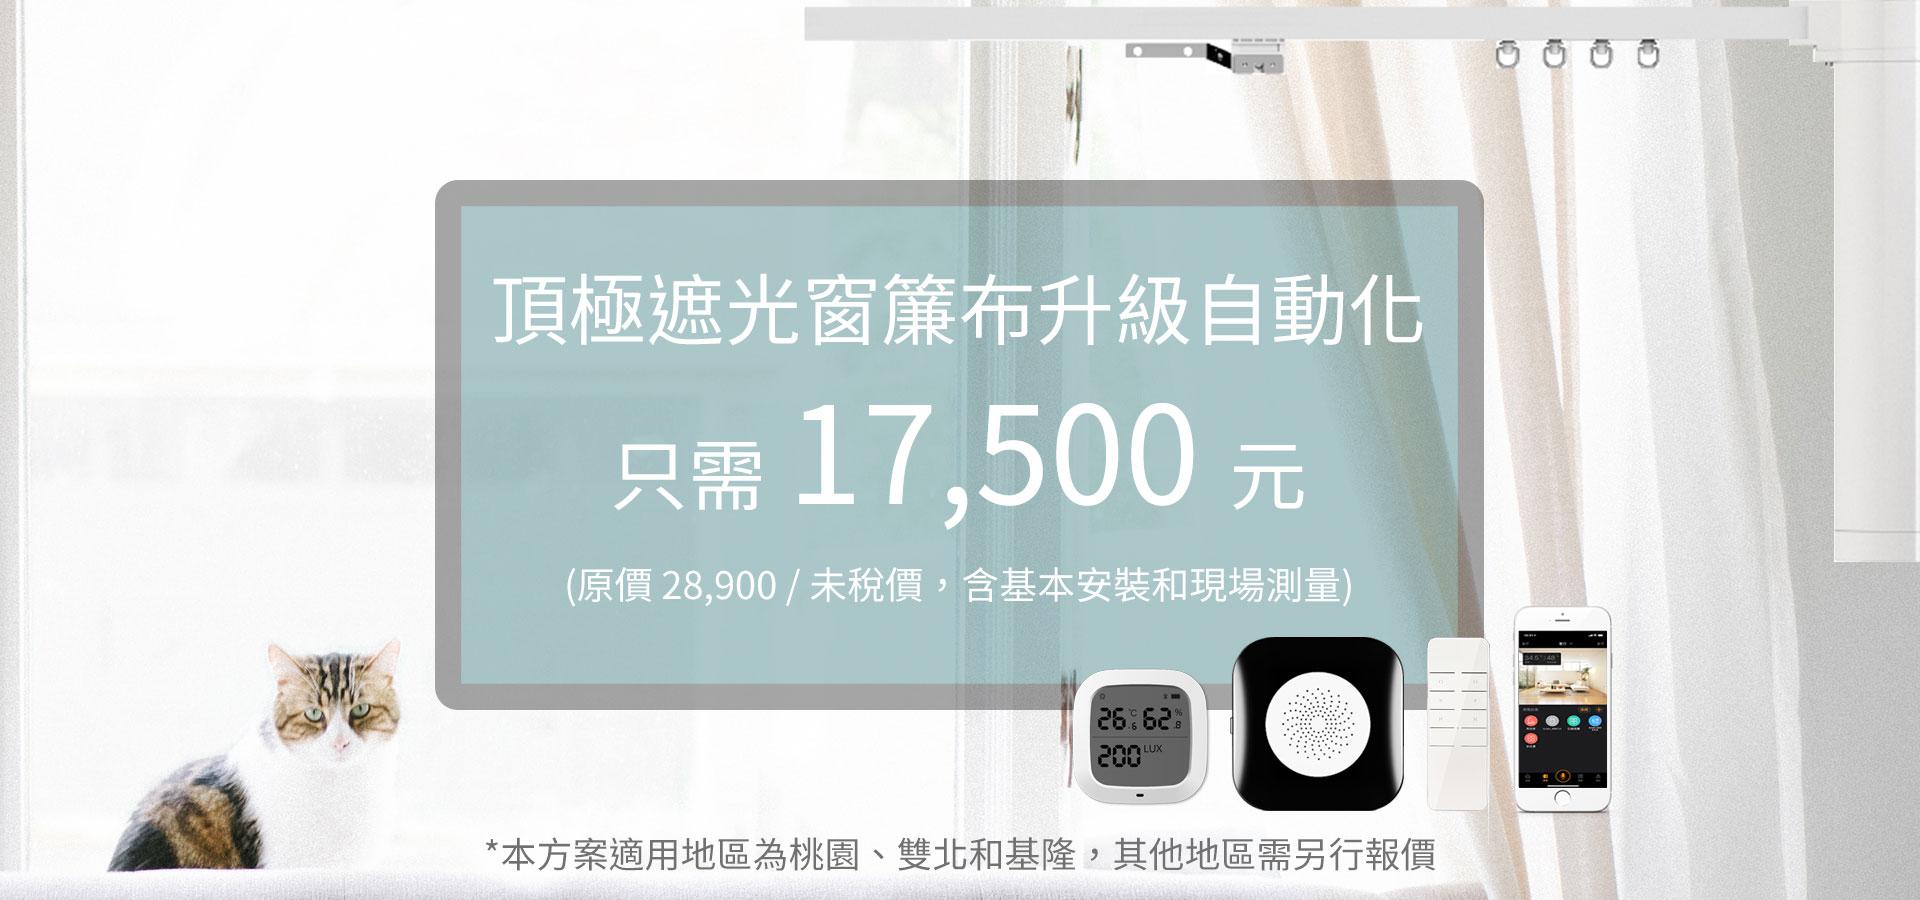 17500 窗簾布加智慧窗簾系統方案